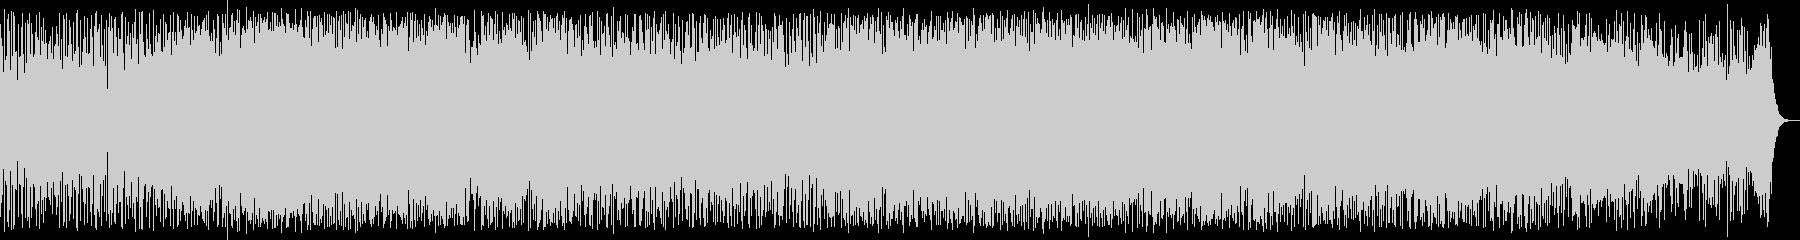 激しいシンセ・ドラムなどポップハウス系の未再生の波形